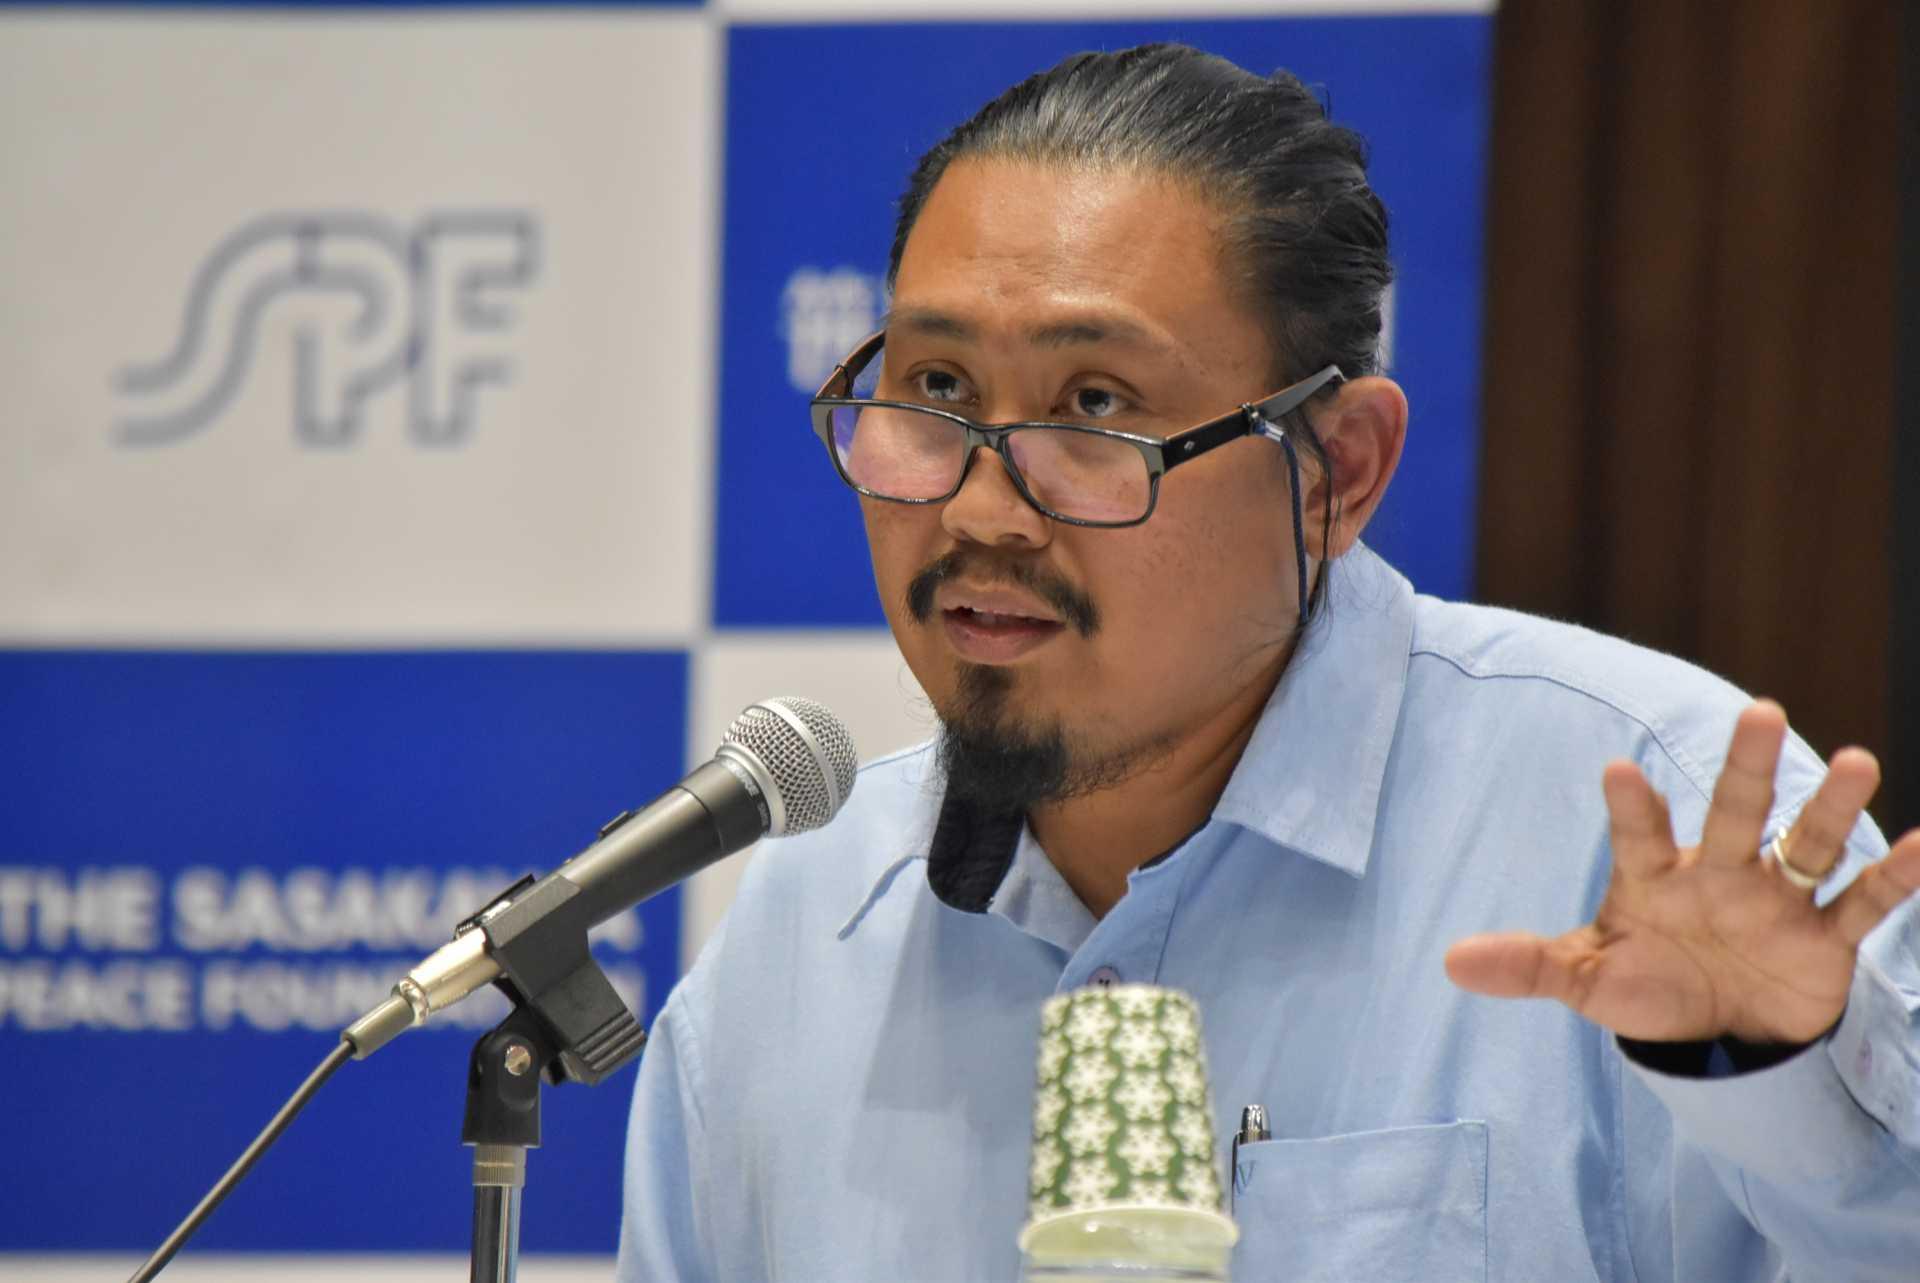 「マレーシア 民主化への道のり」 作家のファイザル・テヘラーニ氏が講演